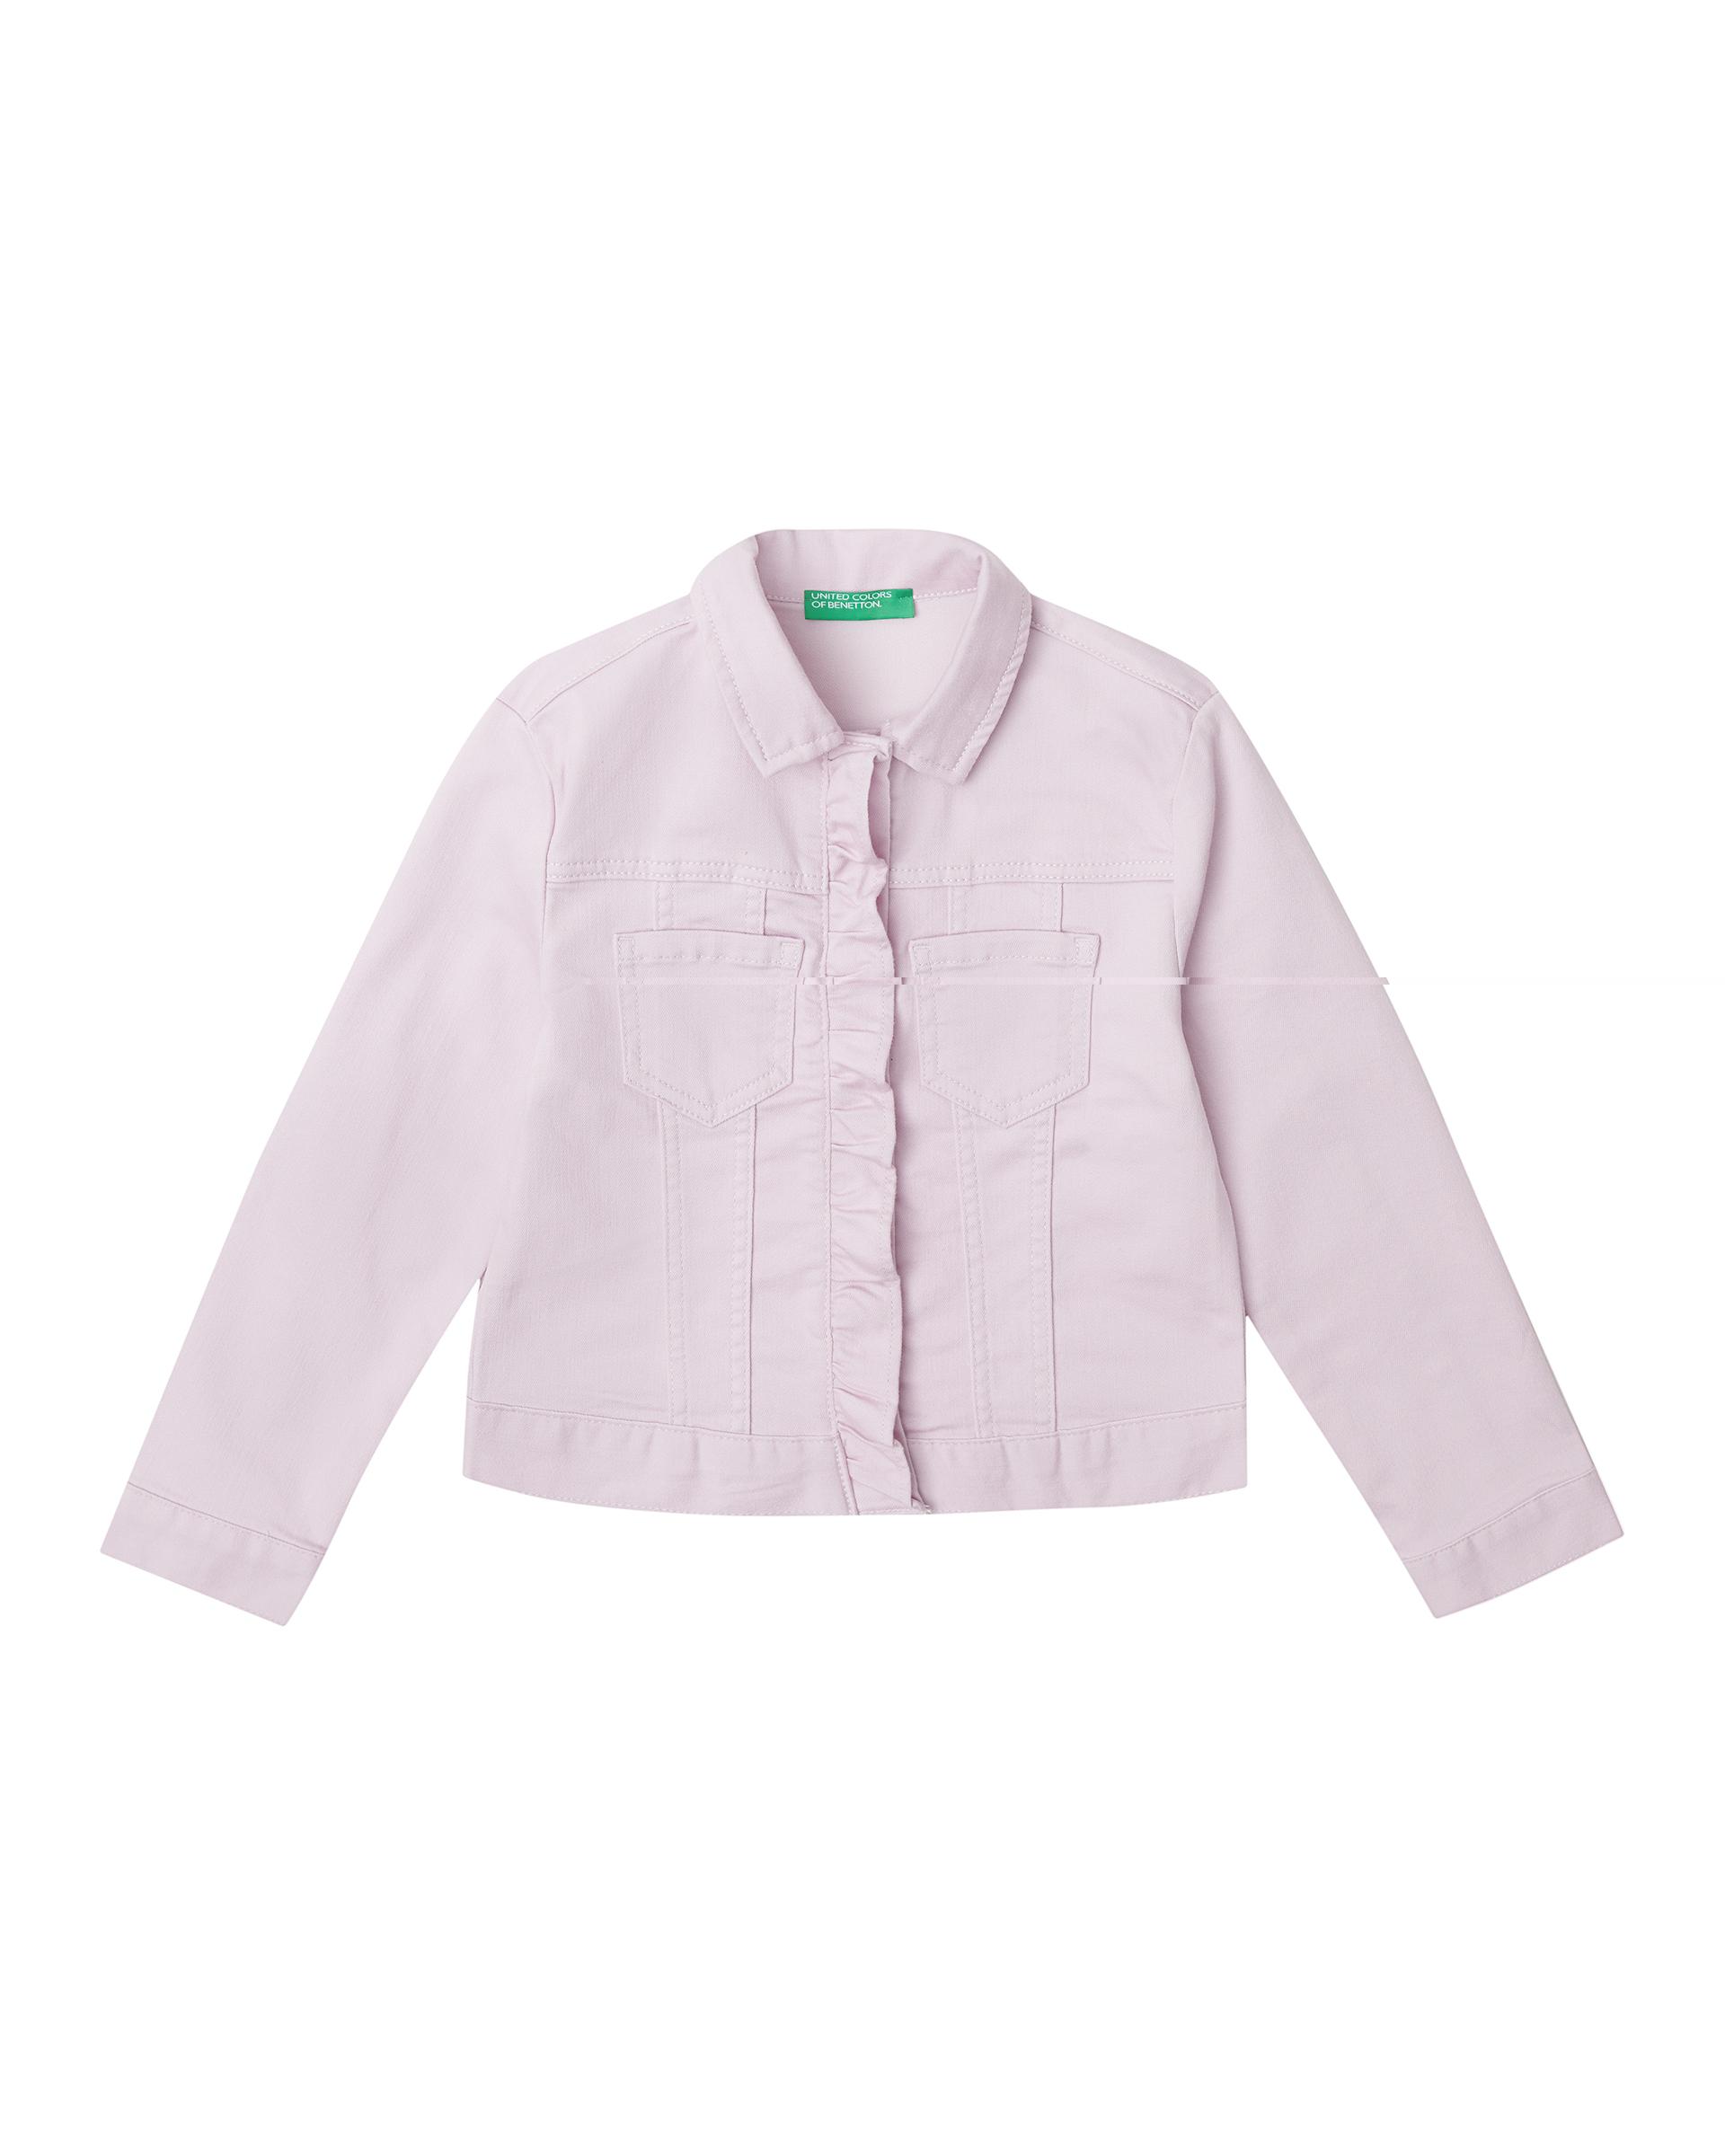 20P_2HB553I30_07M, Джинсовая куртка для девочек Benetton 2HB553I30_07M р-р 104, United Colors of Benetton, Куртки для девочек  - купить со скидкой